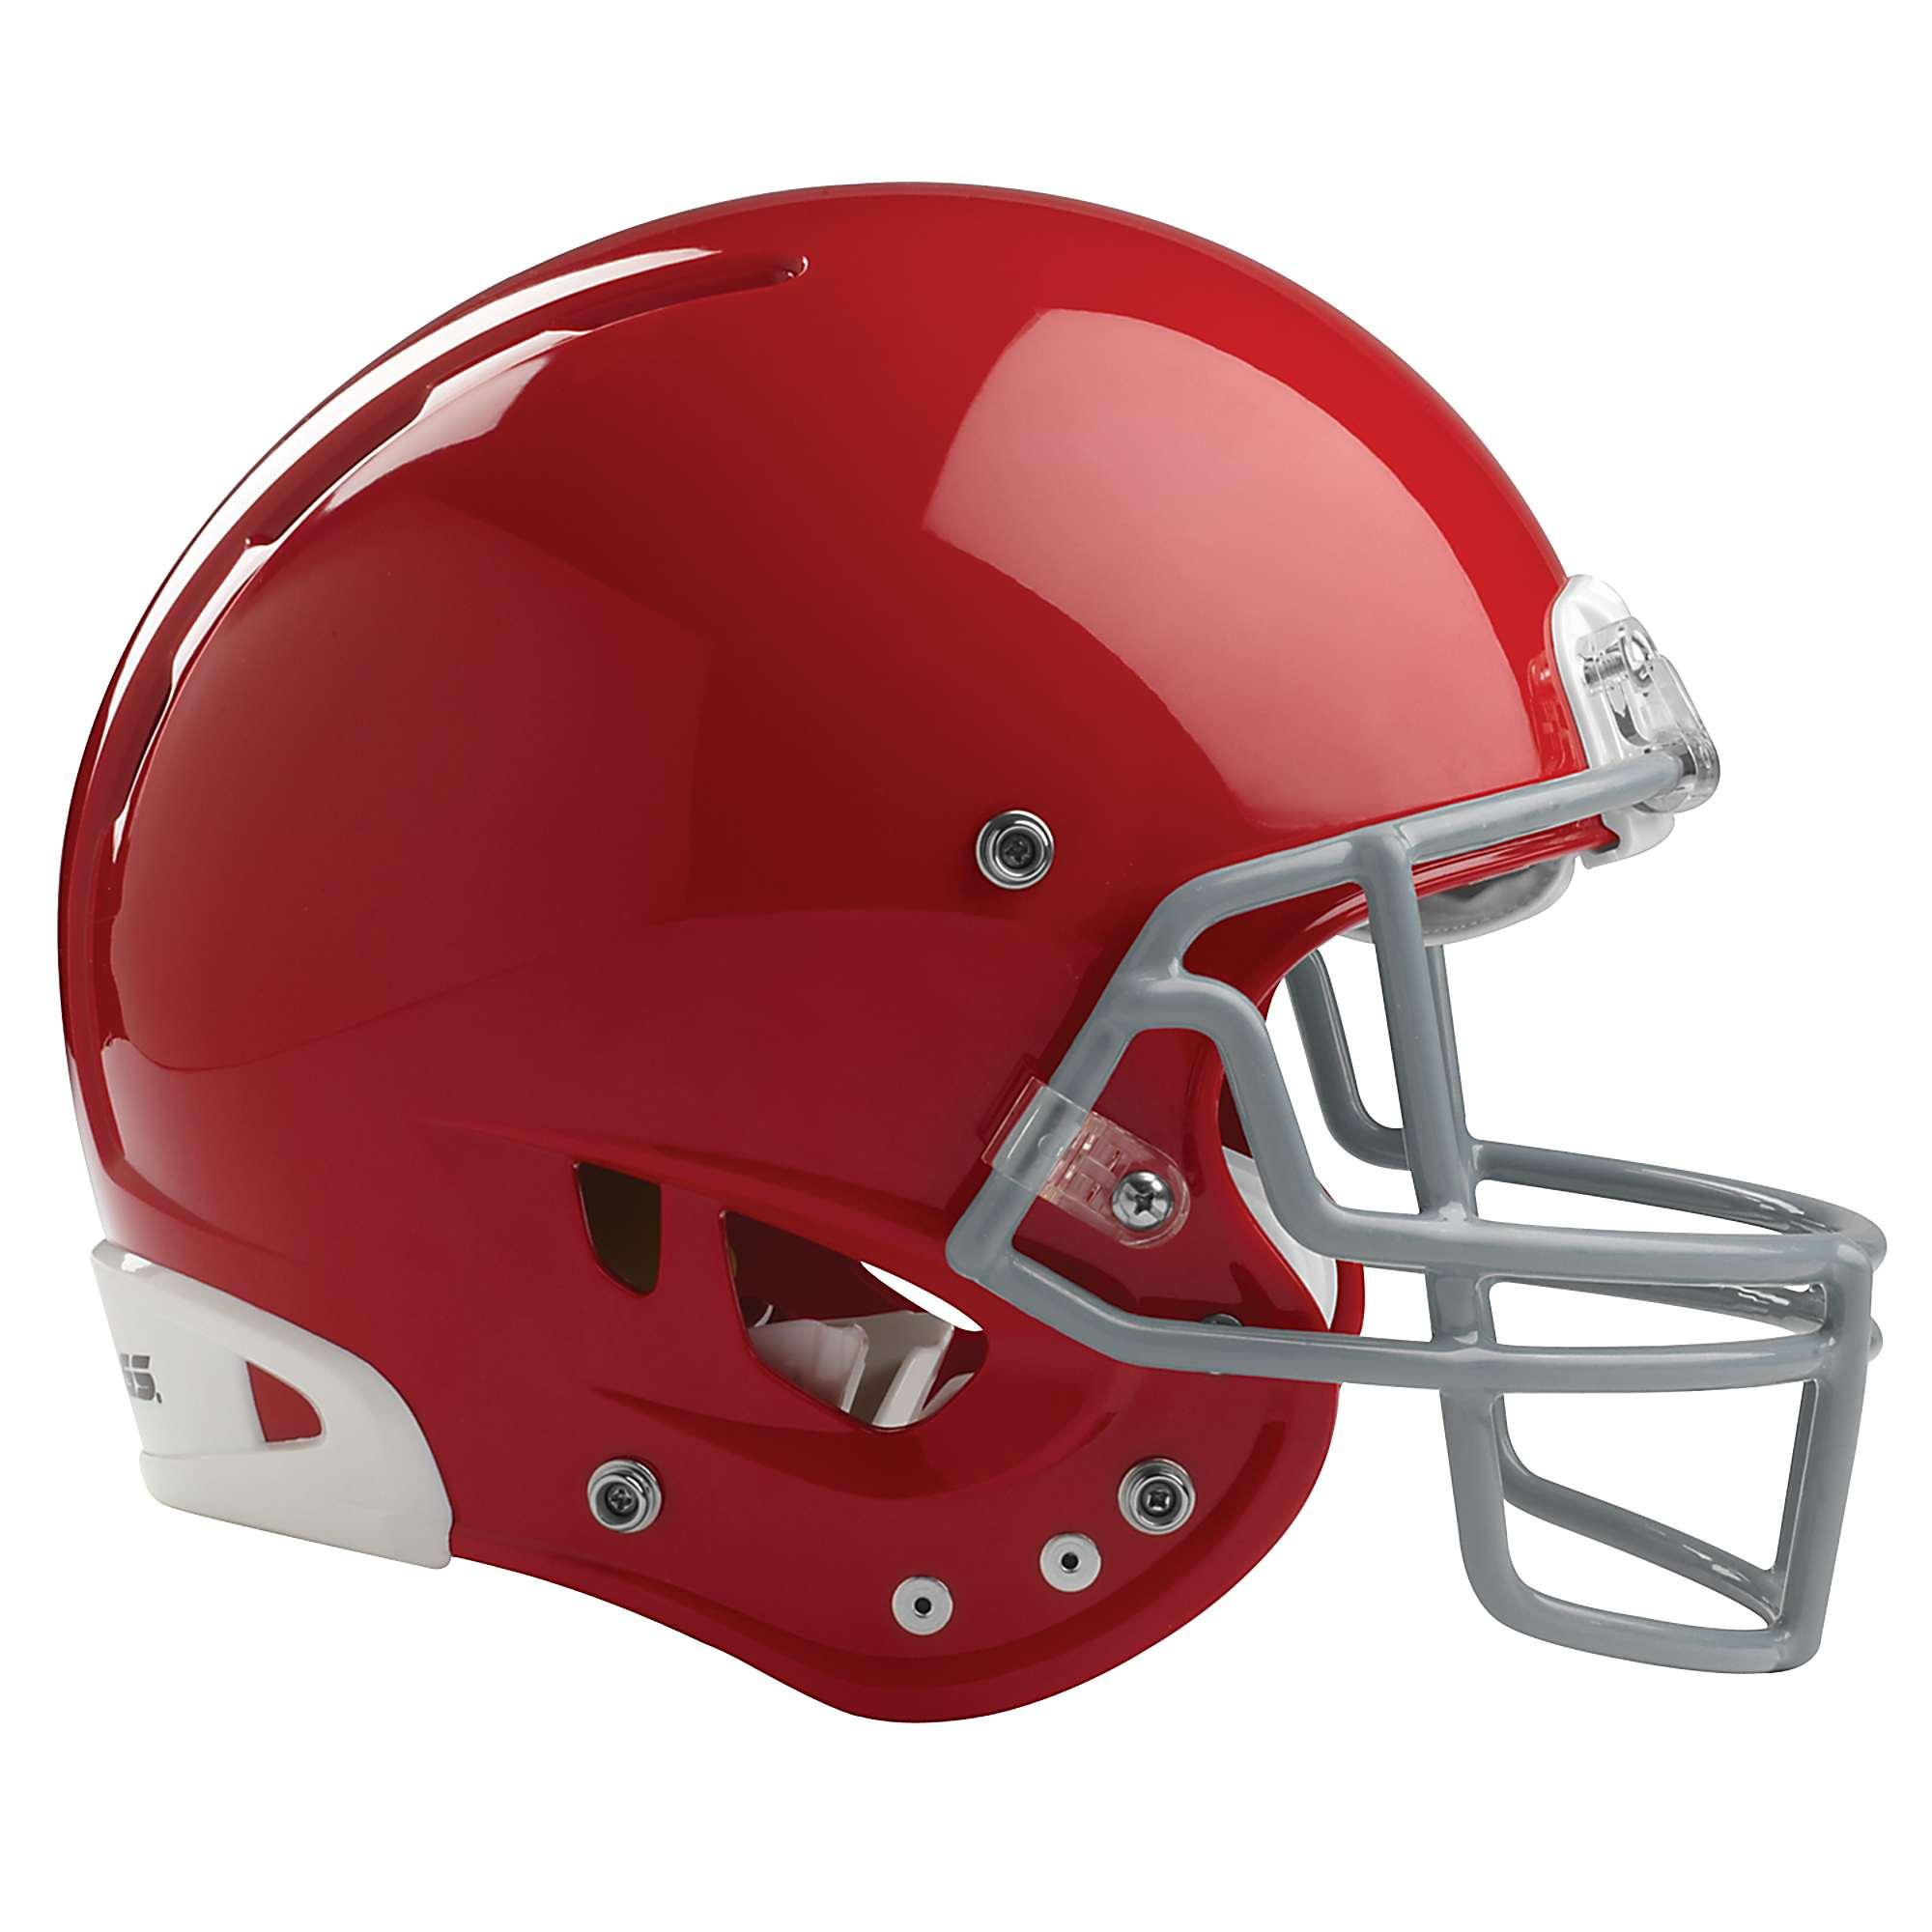 Rawlings Adult Nrg Impulse Football Helmet | eBay